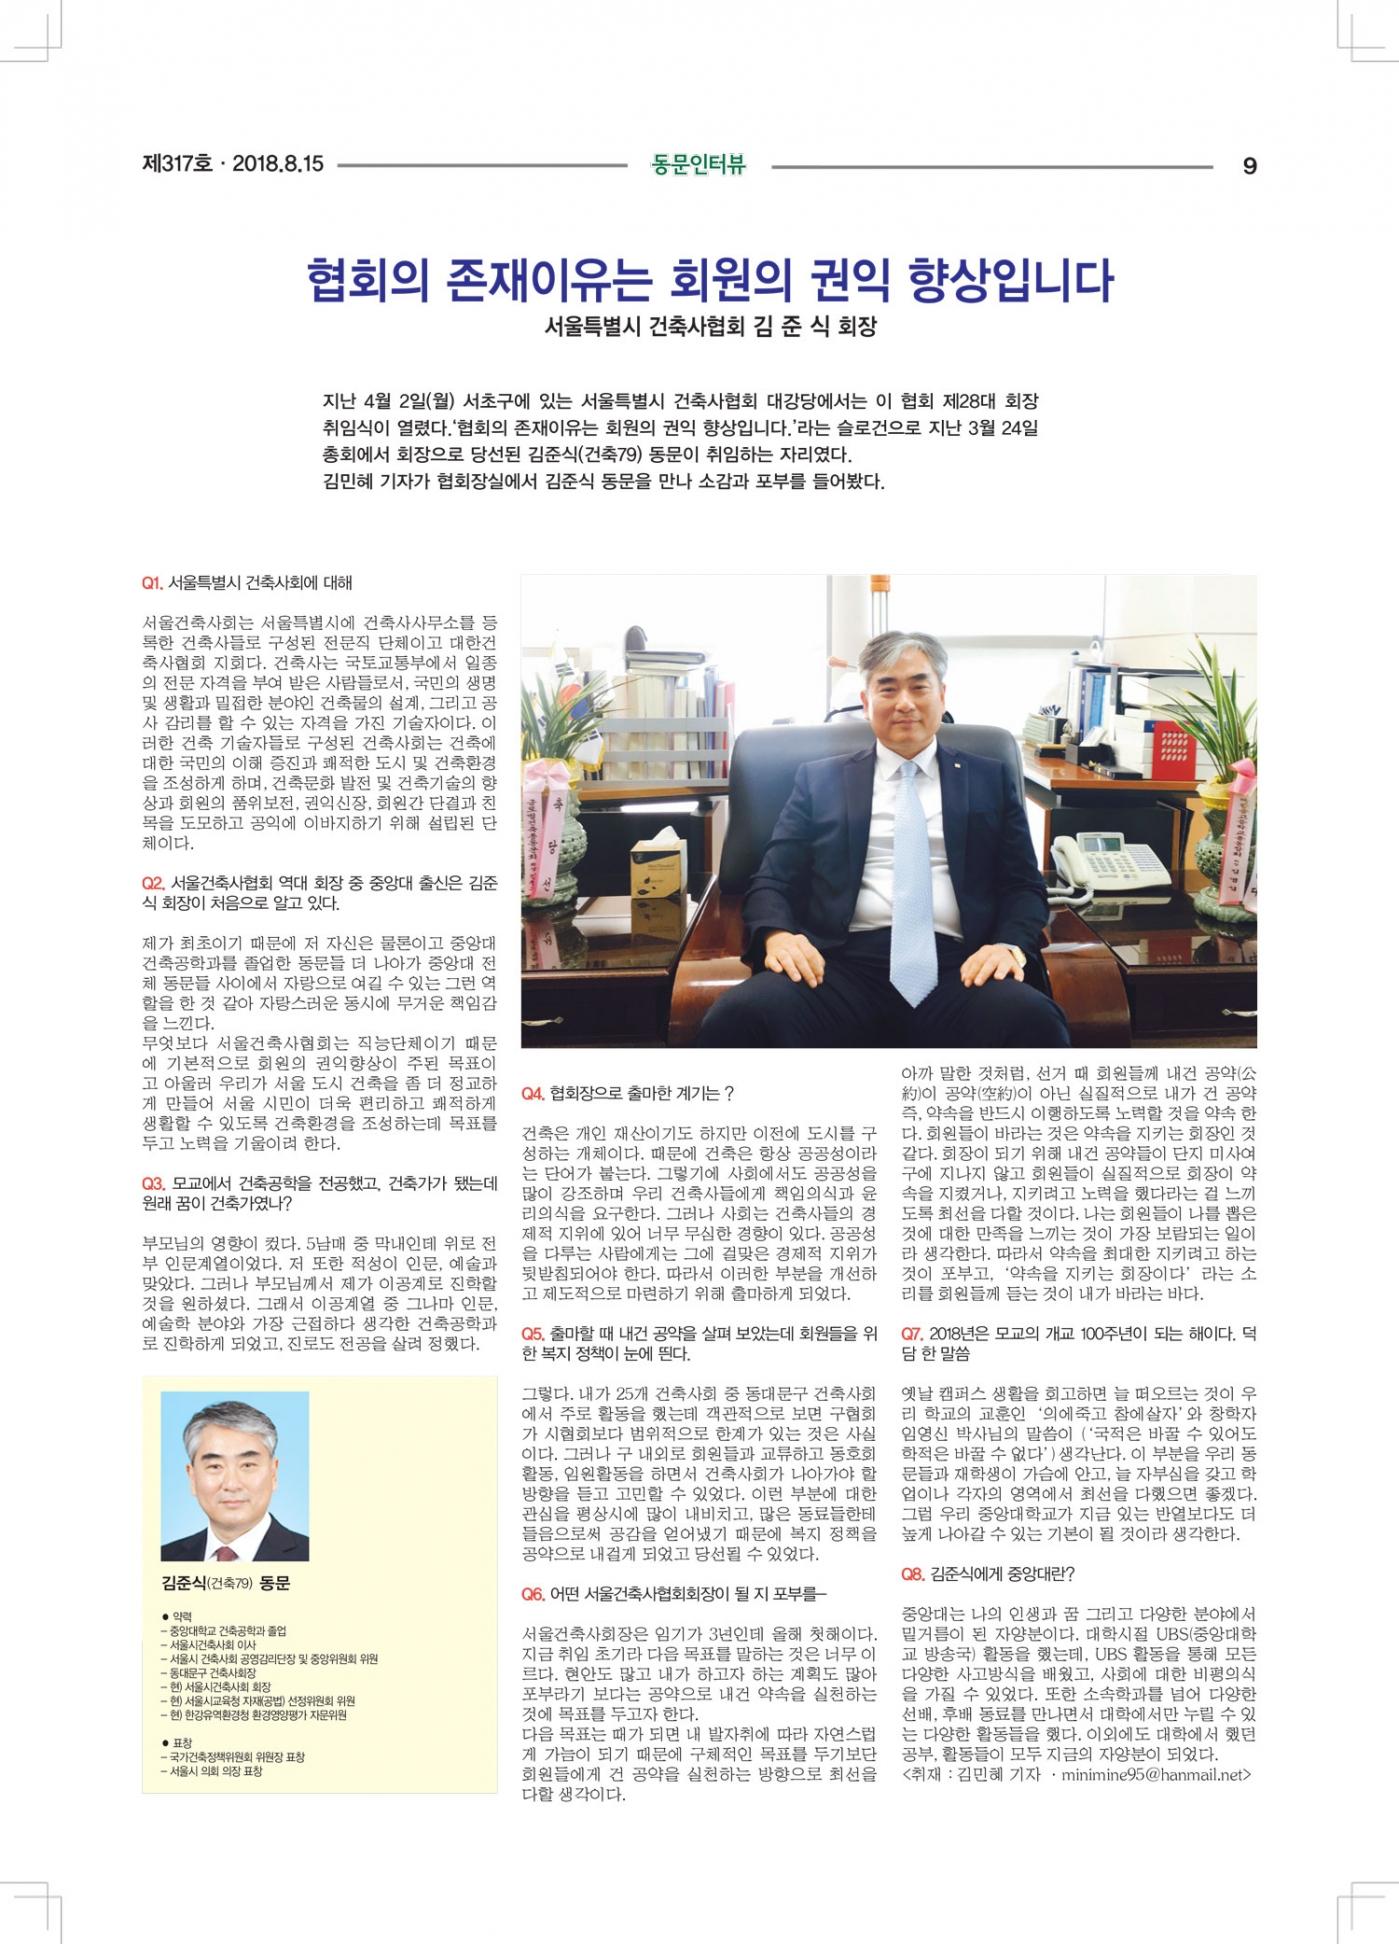 중앙대학교동문317호회보-(6)-9.jpg